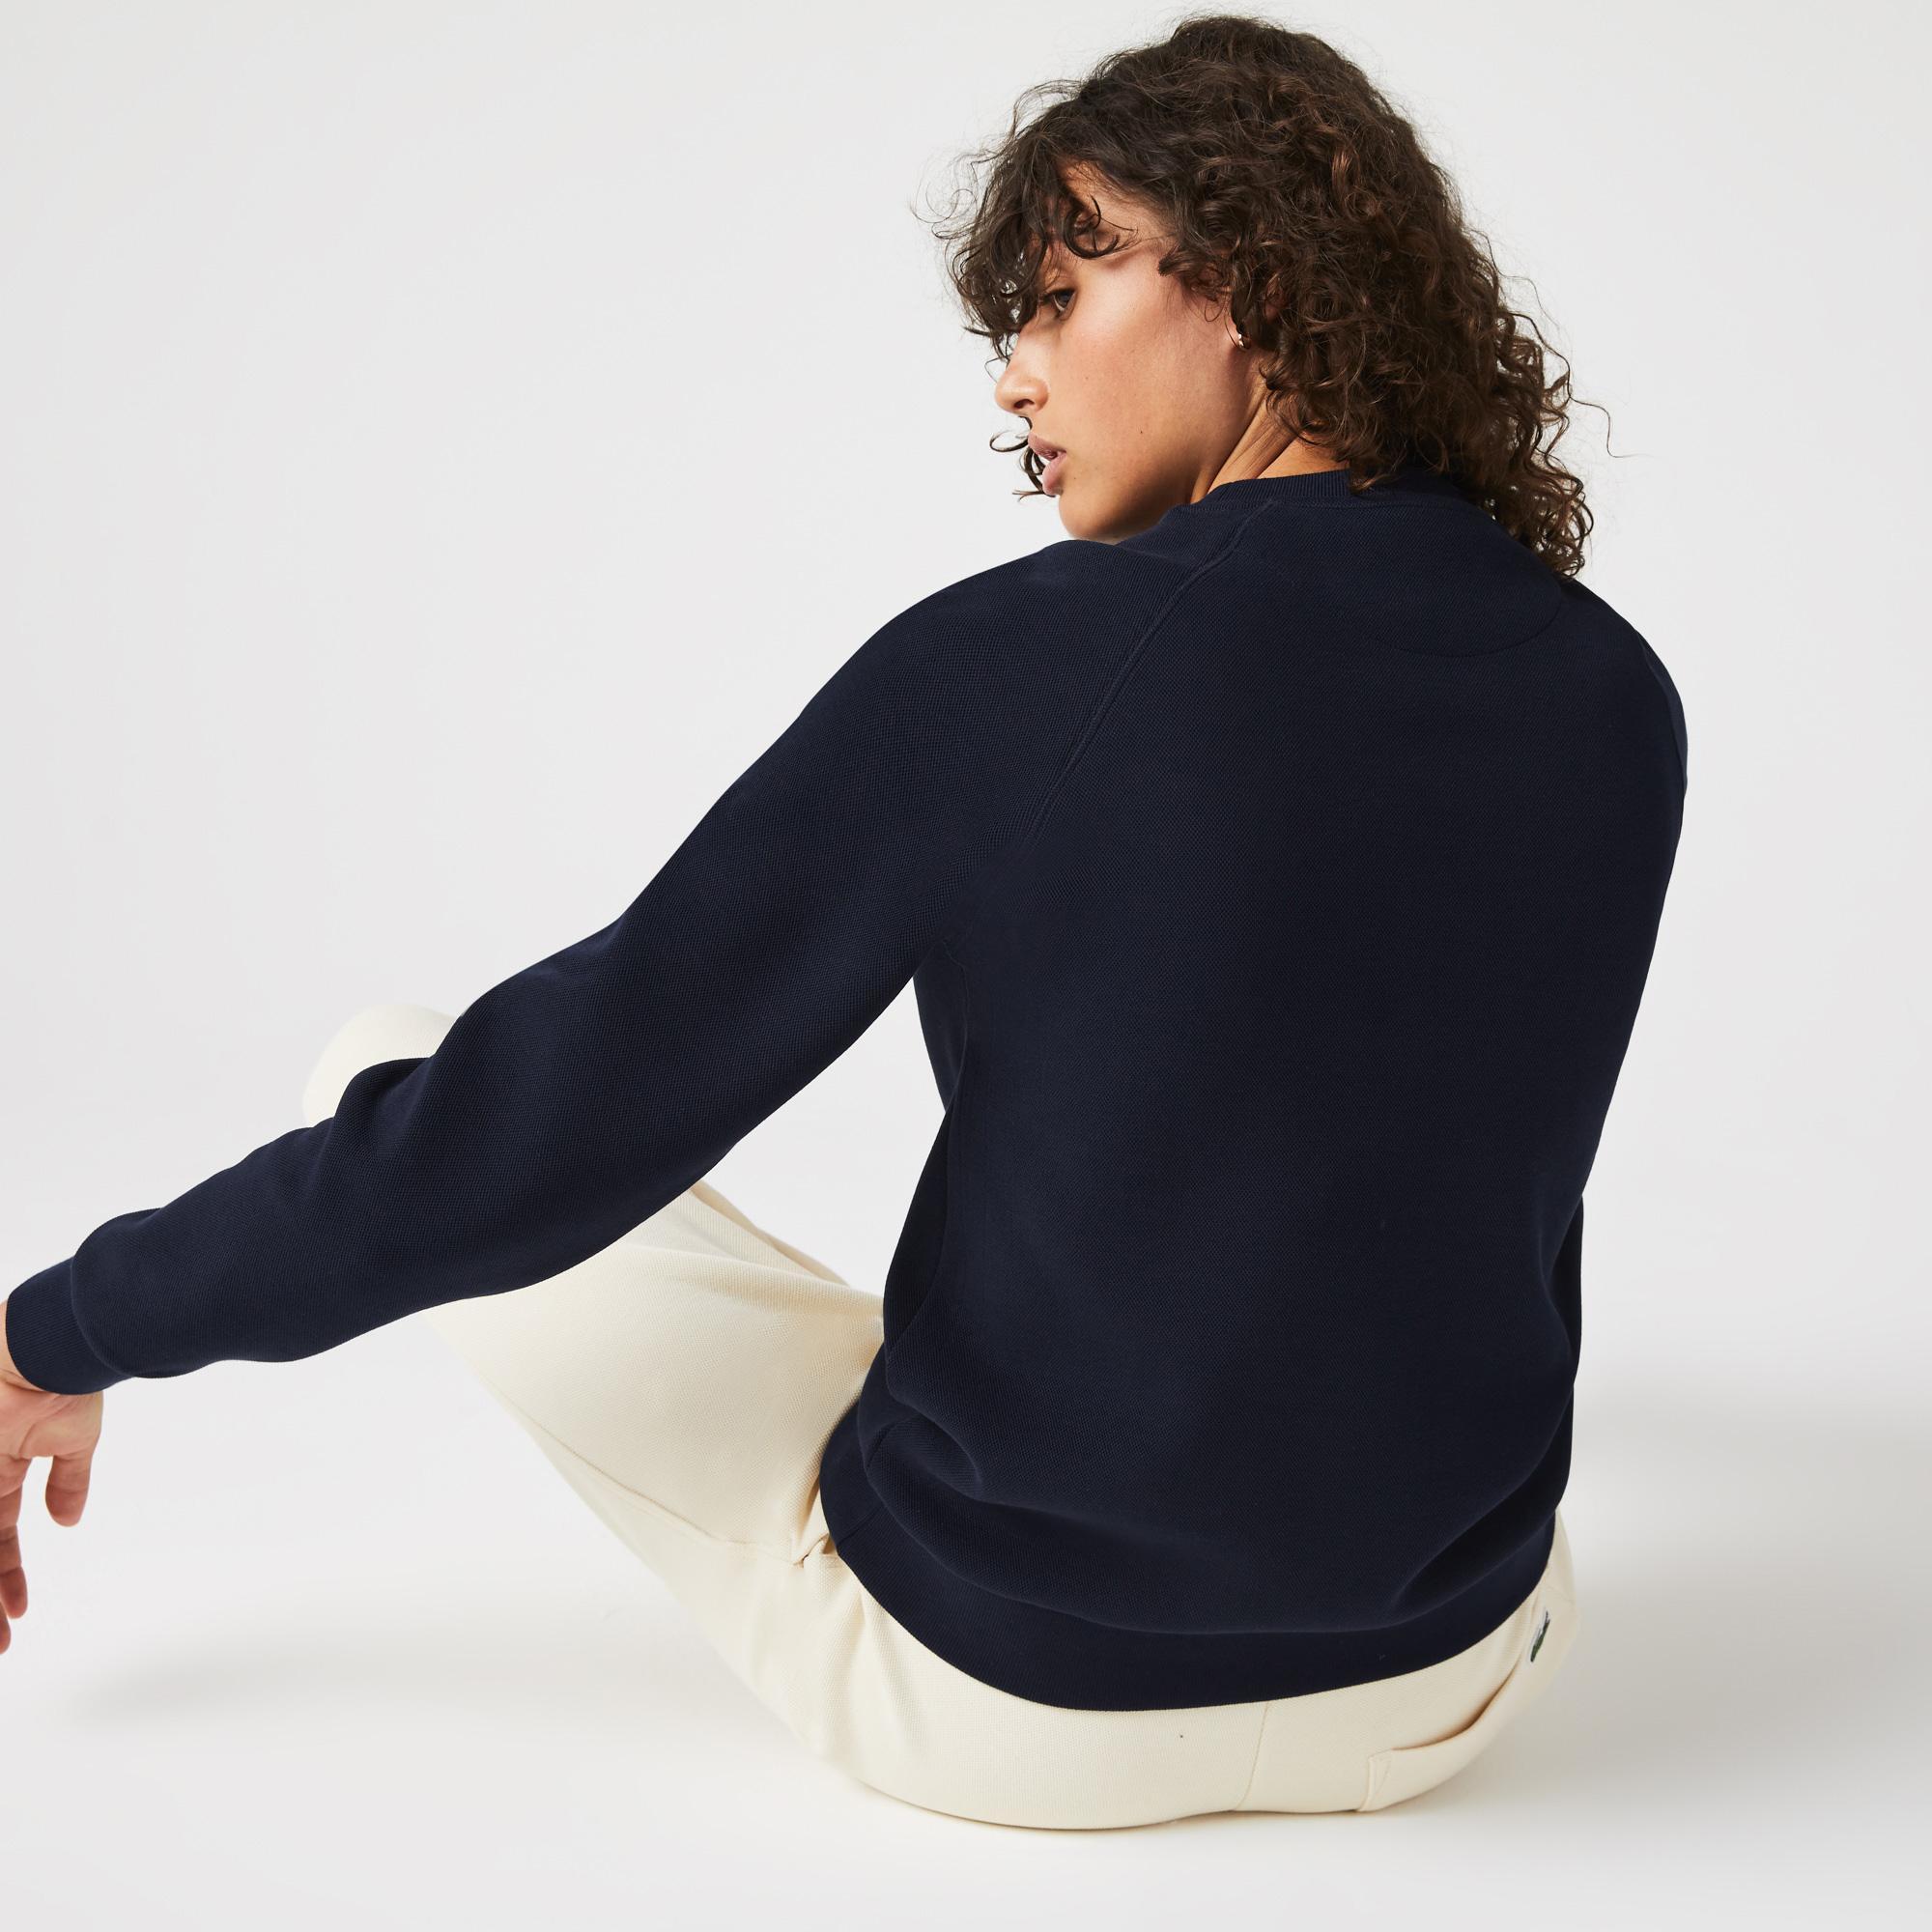 Lacoste Bluza damska z mieszanej bawełny, z okrągłym dekoltem